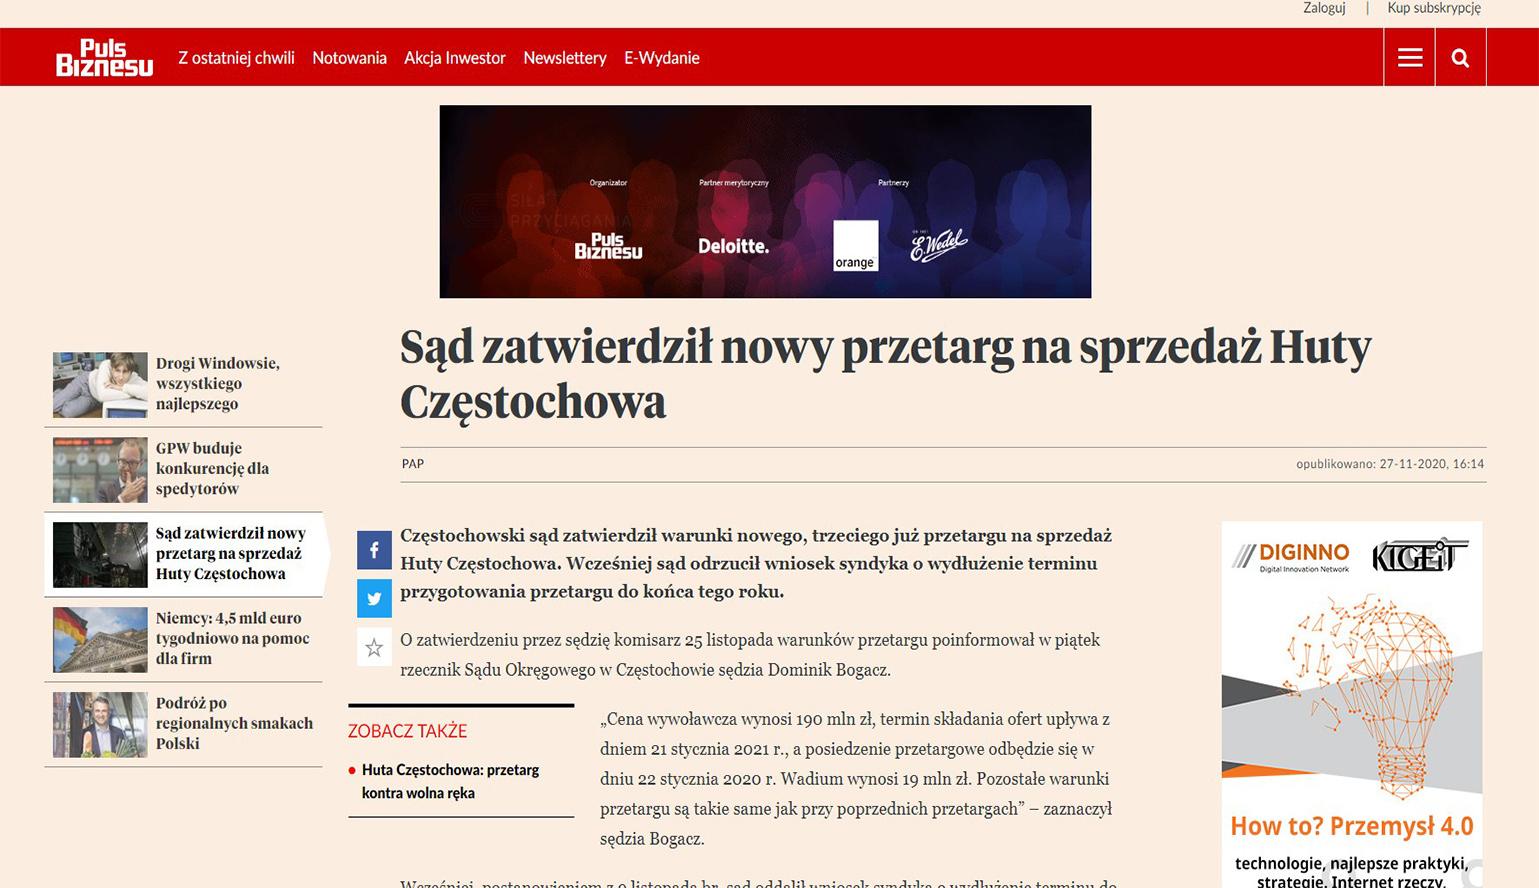 Sąd zatwierdził nowy przetarg na sprzedaż Huty Częstochowa